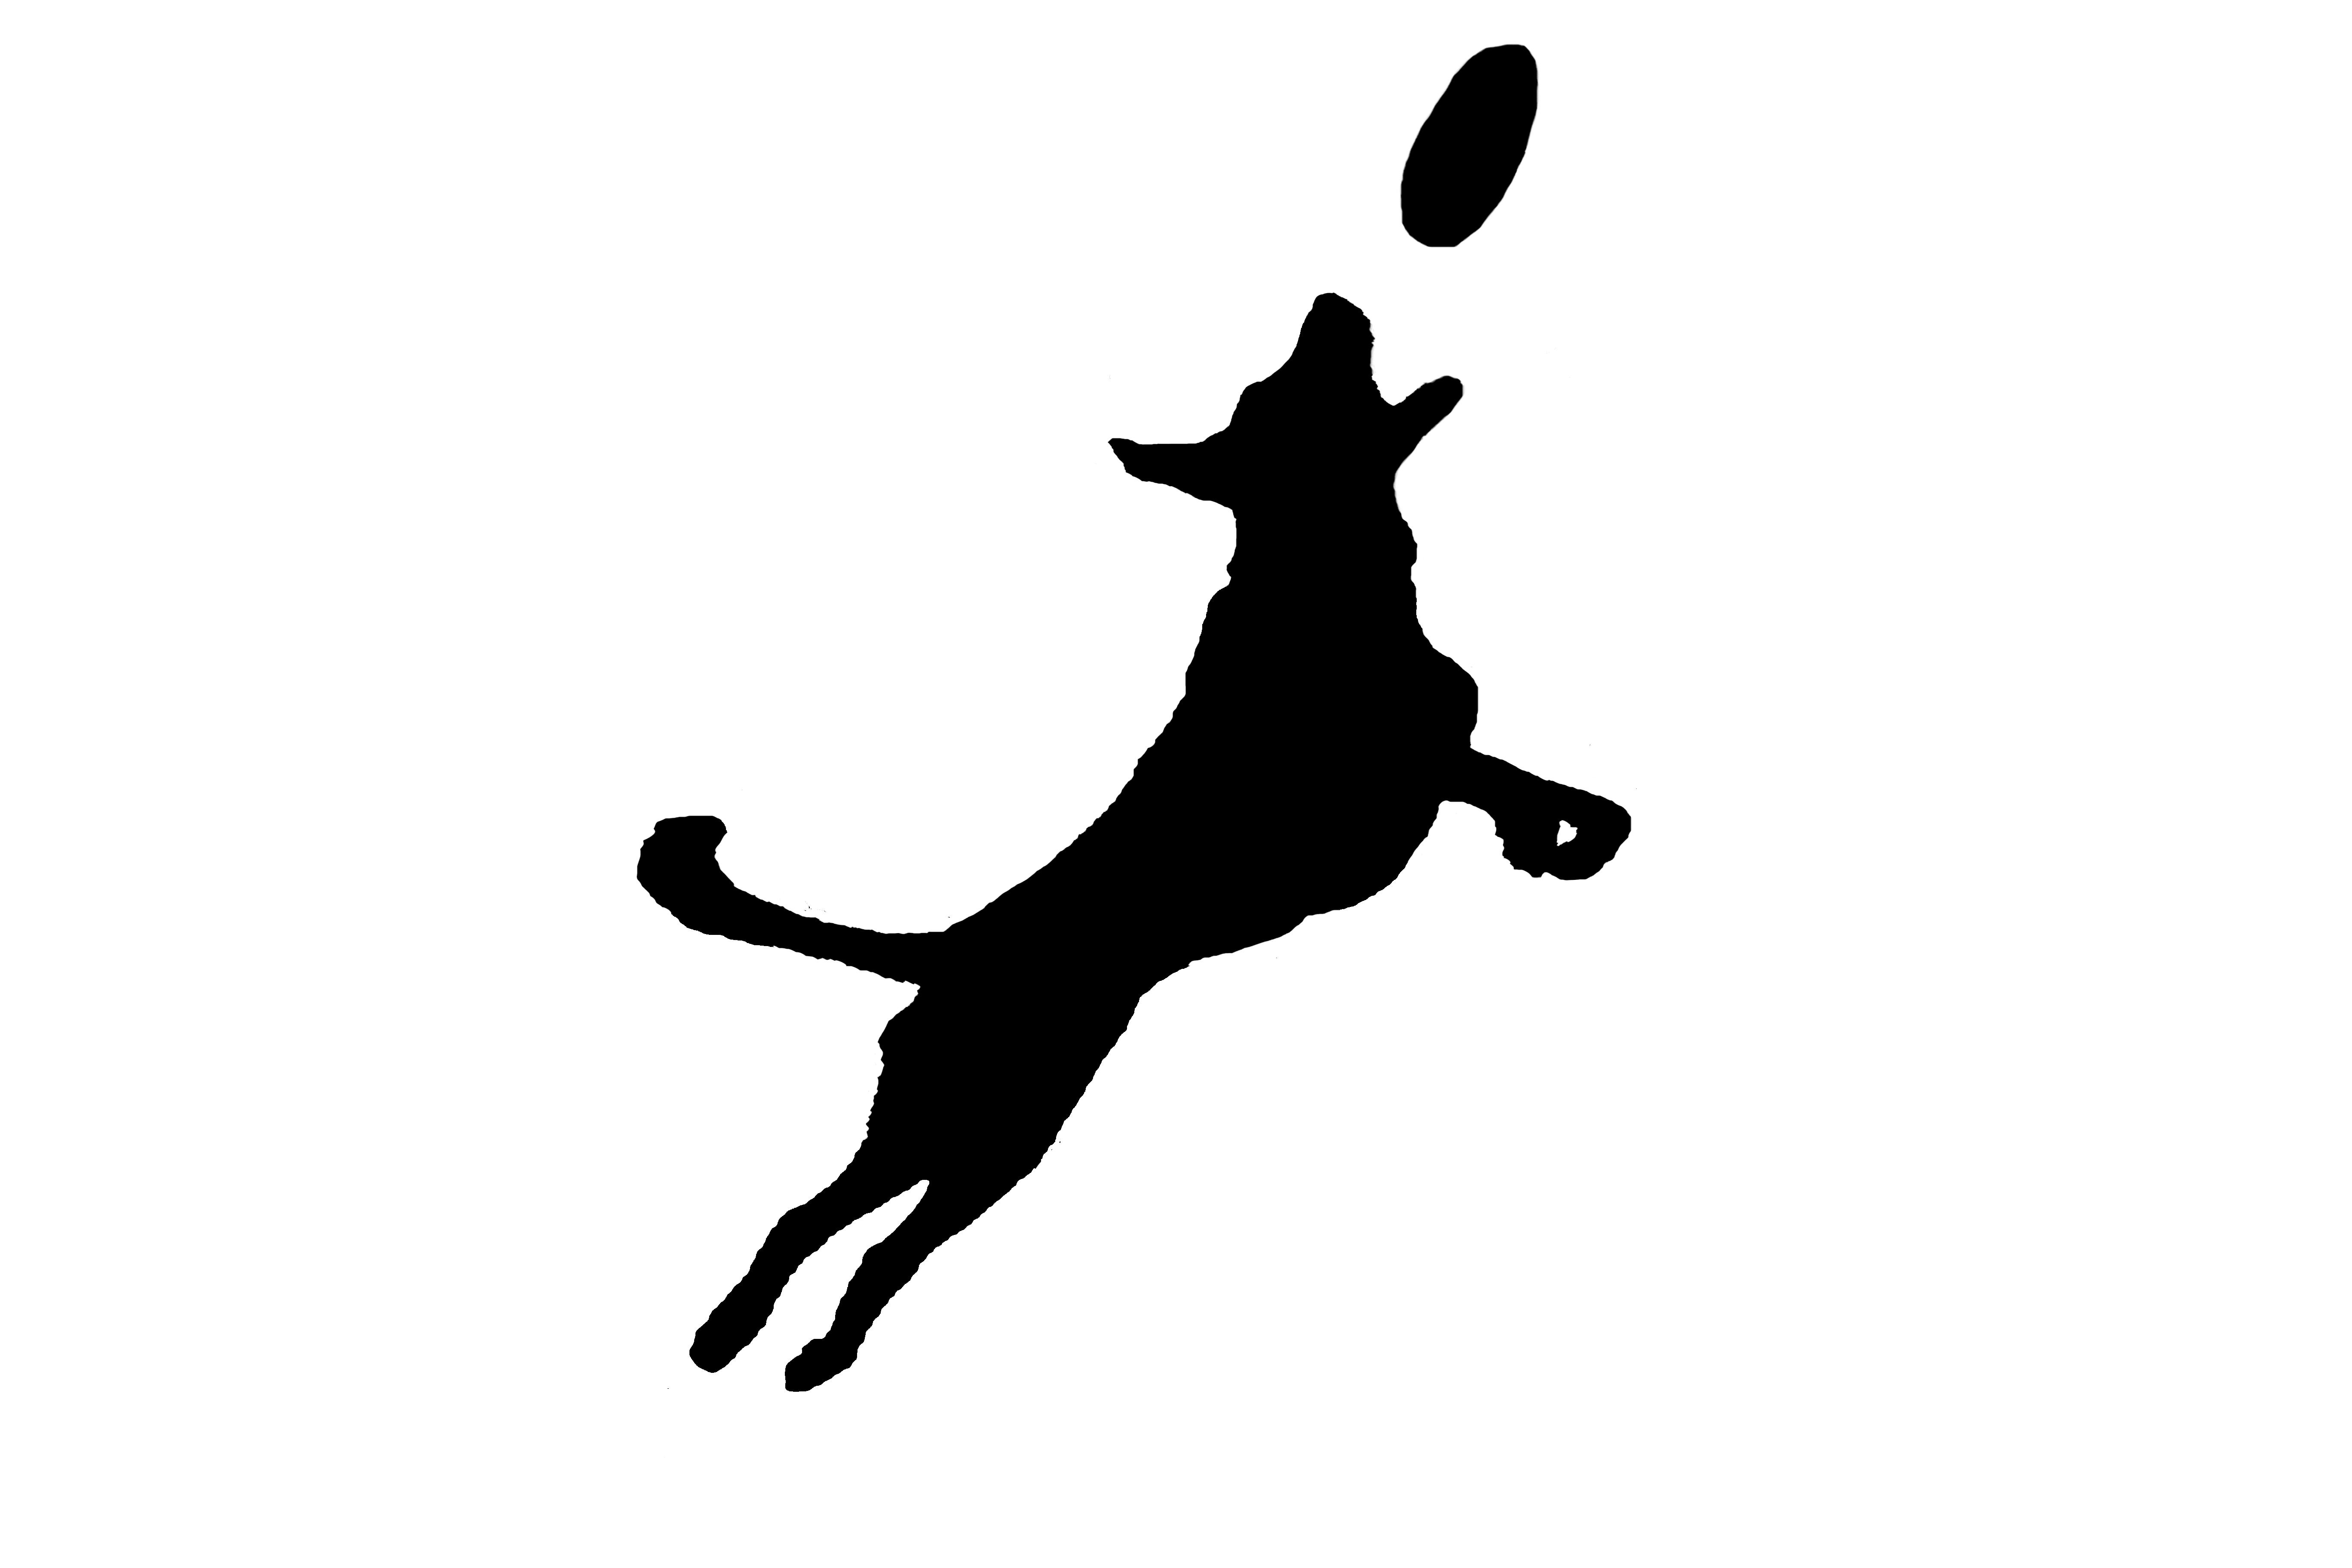 Dog Jumping Drawing